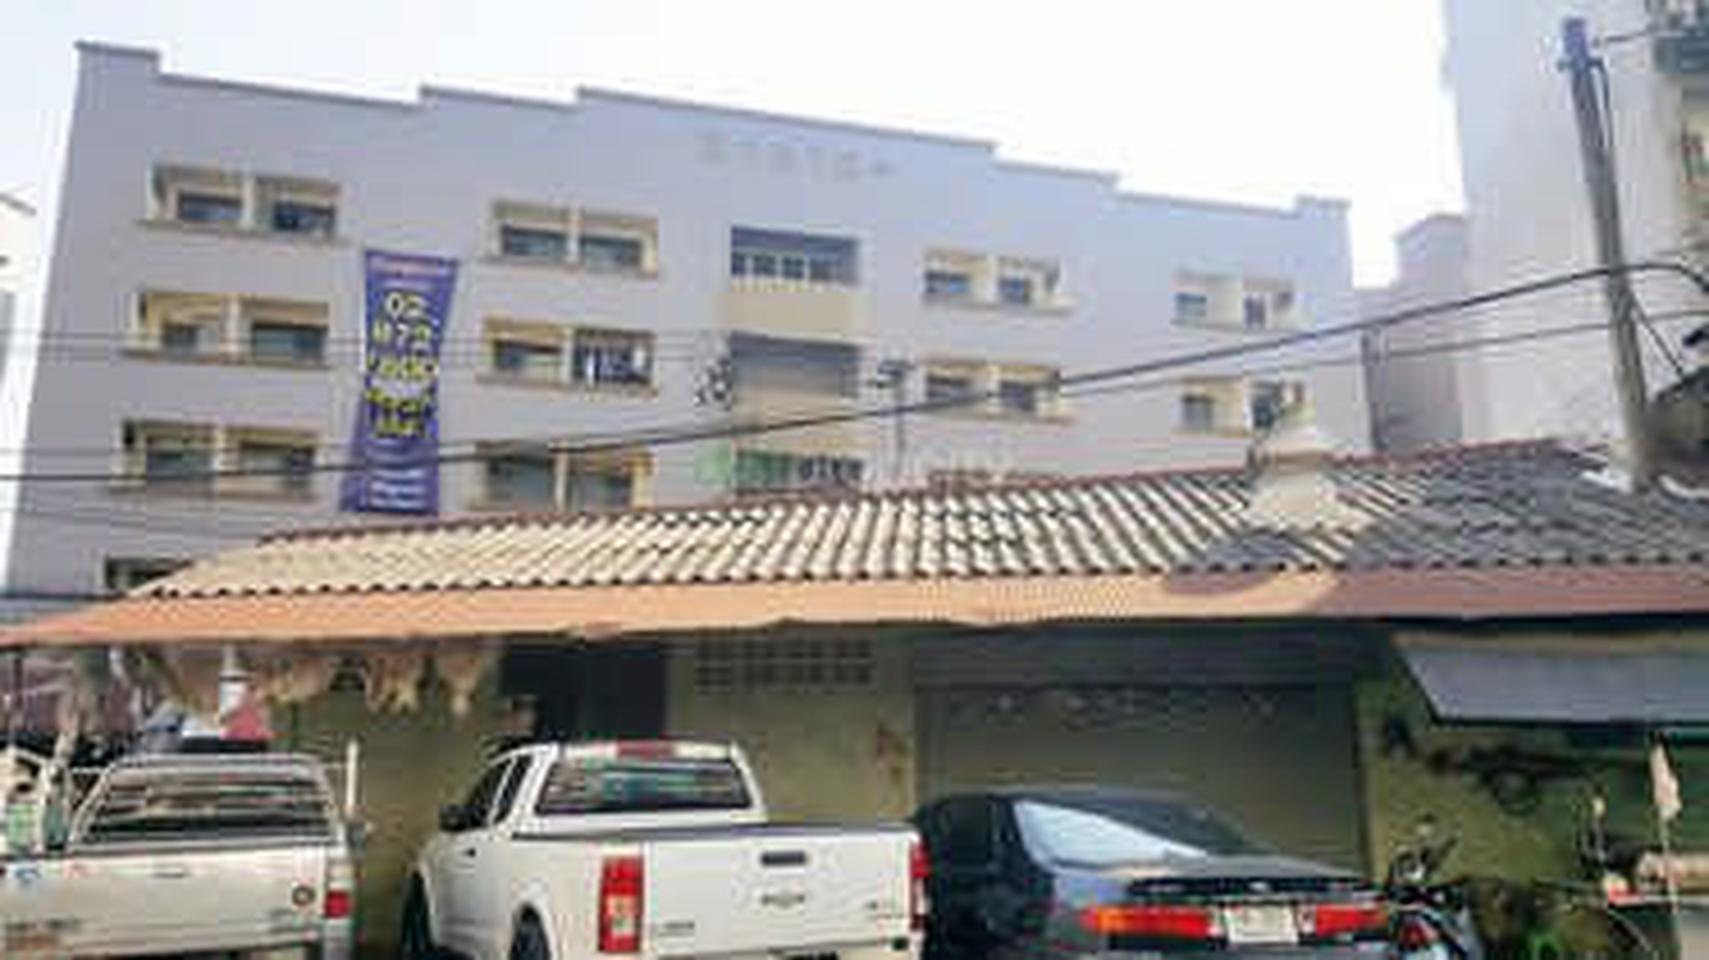 ขายอาคารพาณิชย์ ซอยประชาอุทิศ 45 ราคาถูก รูปที่ 6